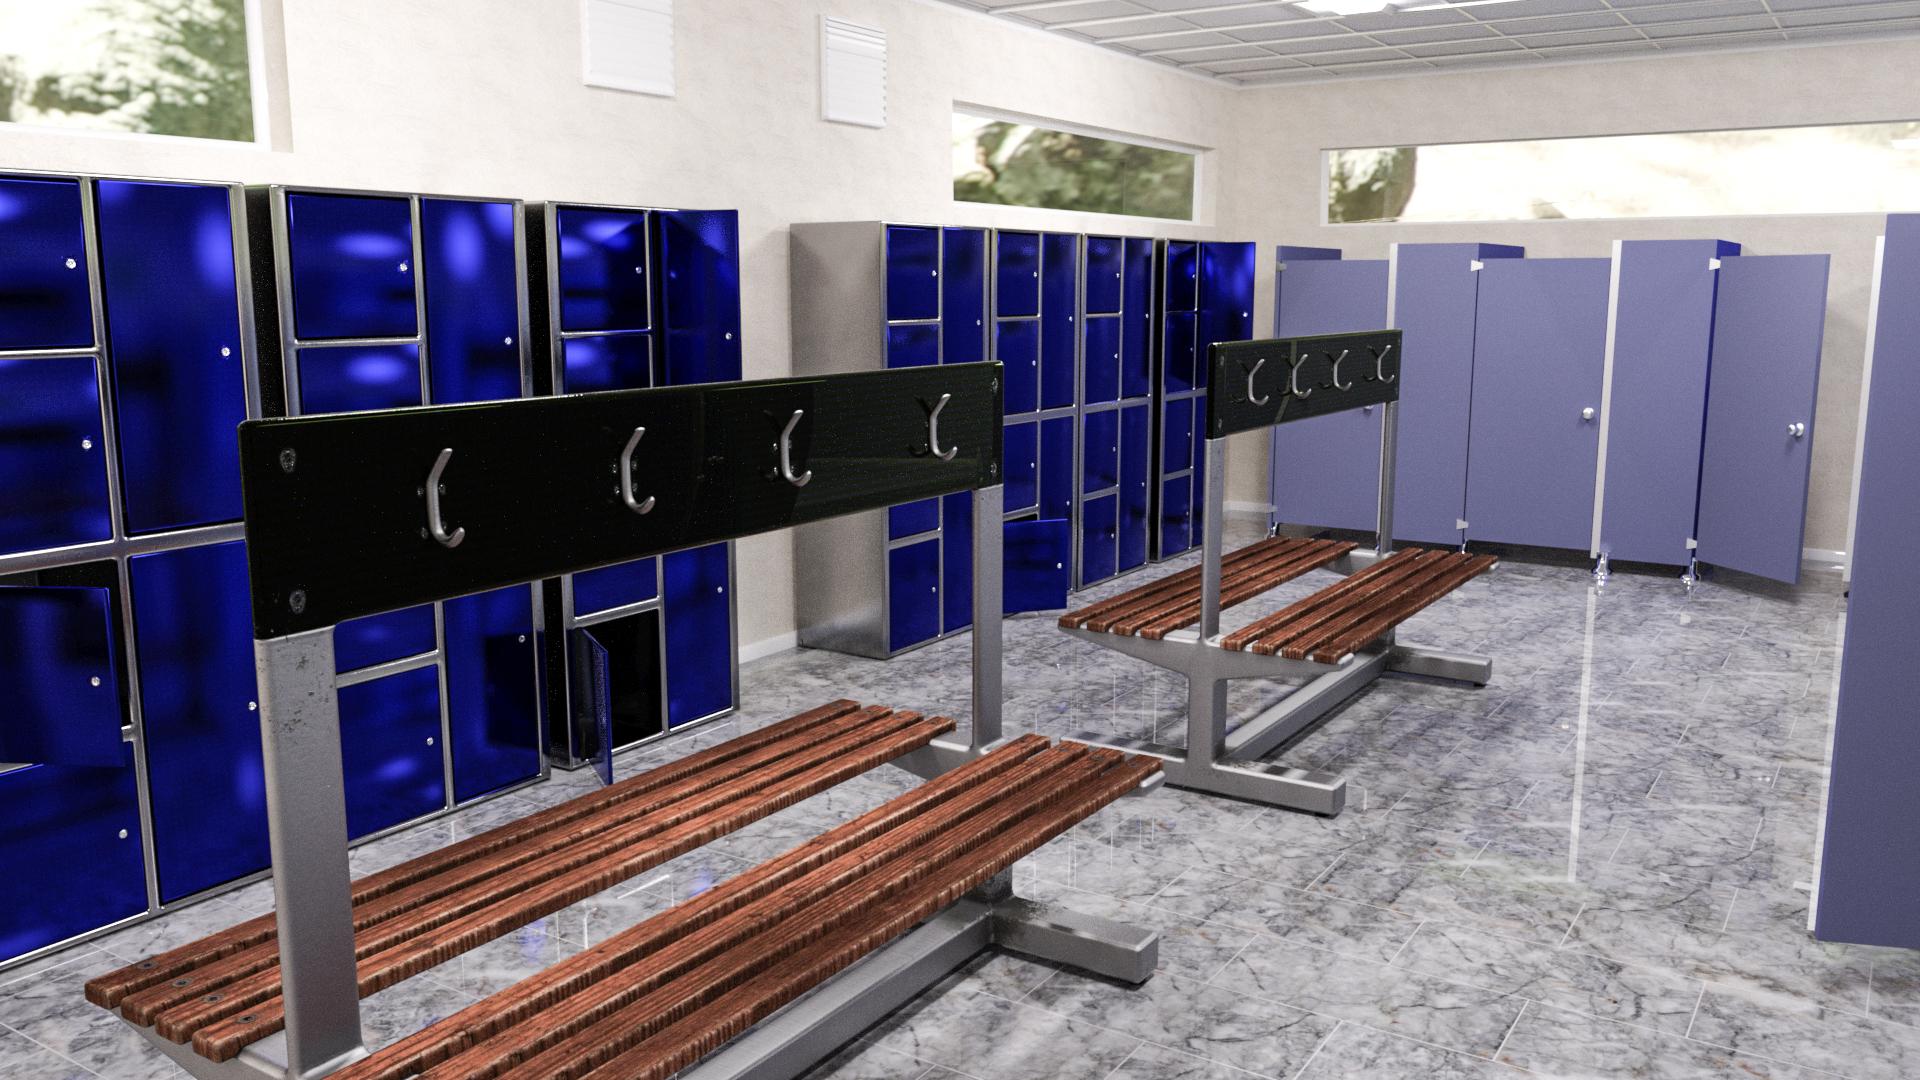 Locker Room by: Serum, 3D Models by Daz 3D